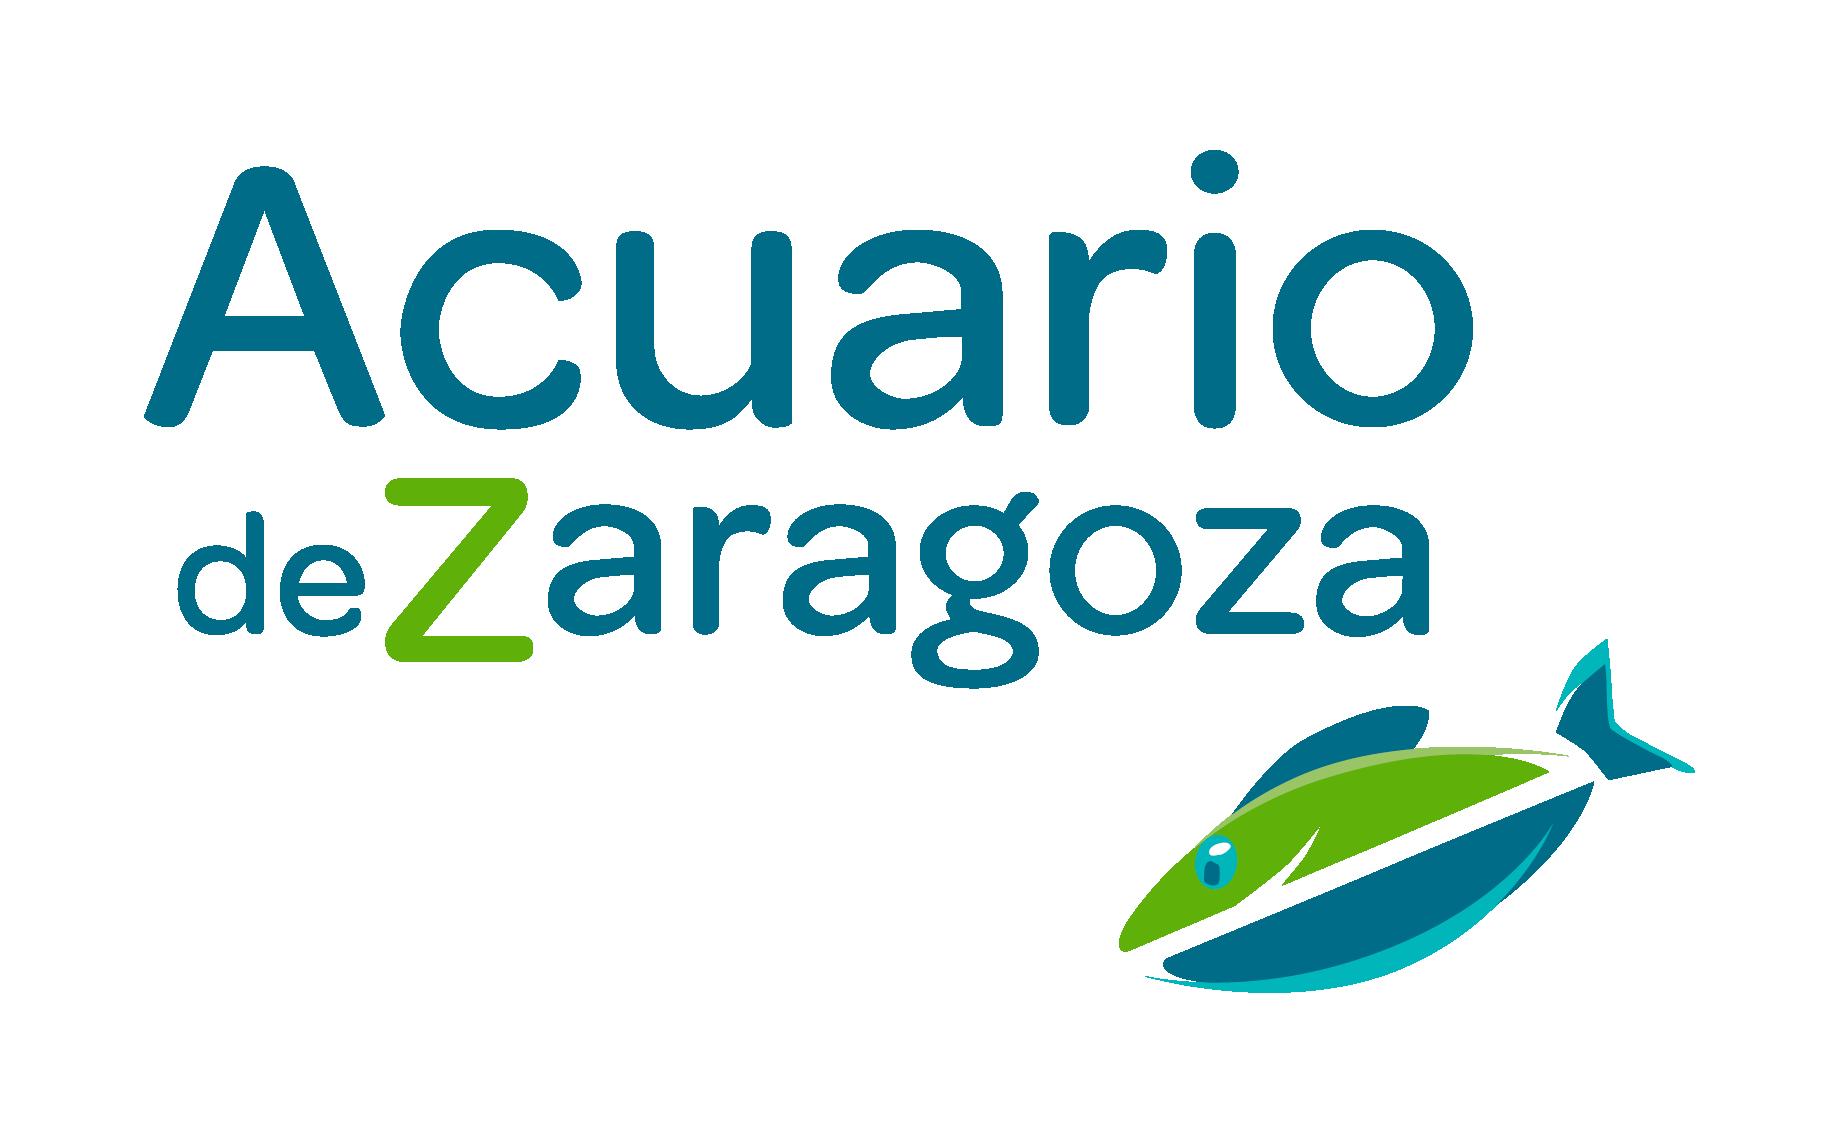 acuario-de-zaragoza-logotipo-color